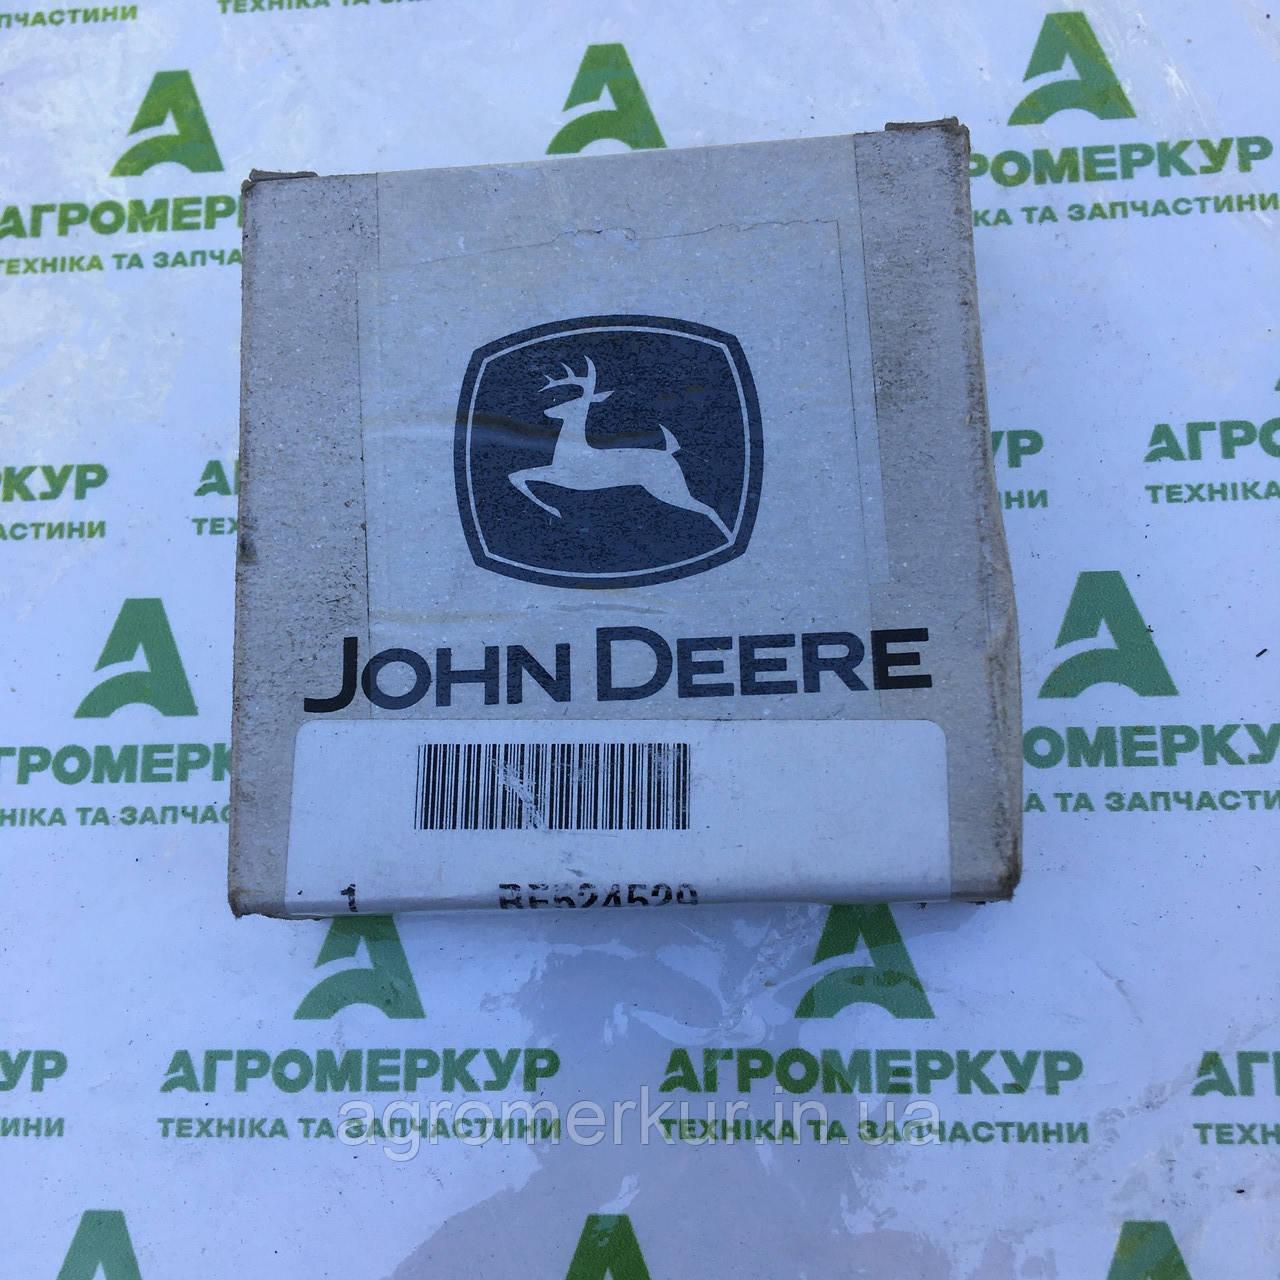 Клапан редукційний RE524529 John Deere